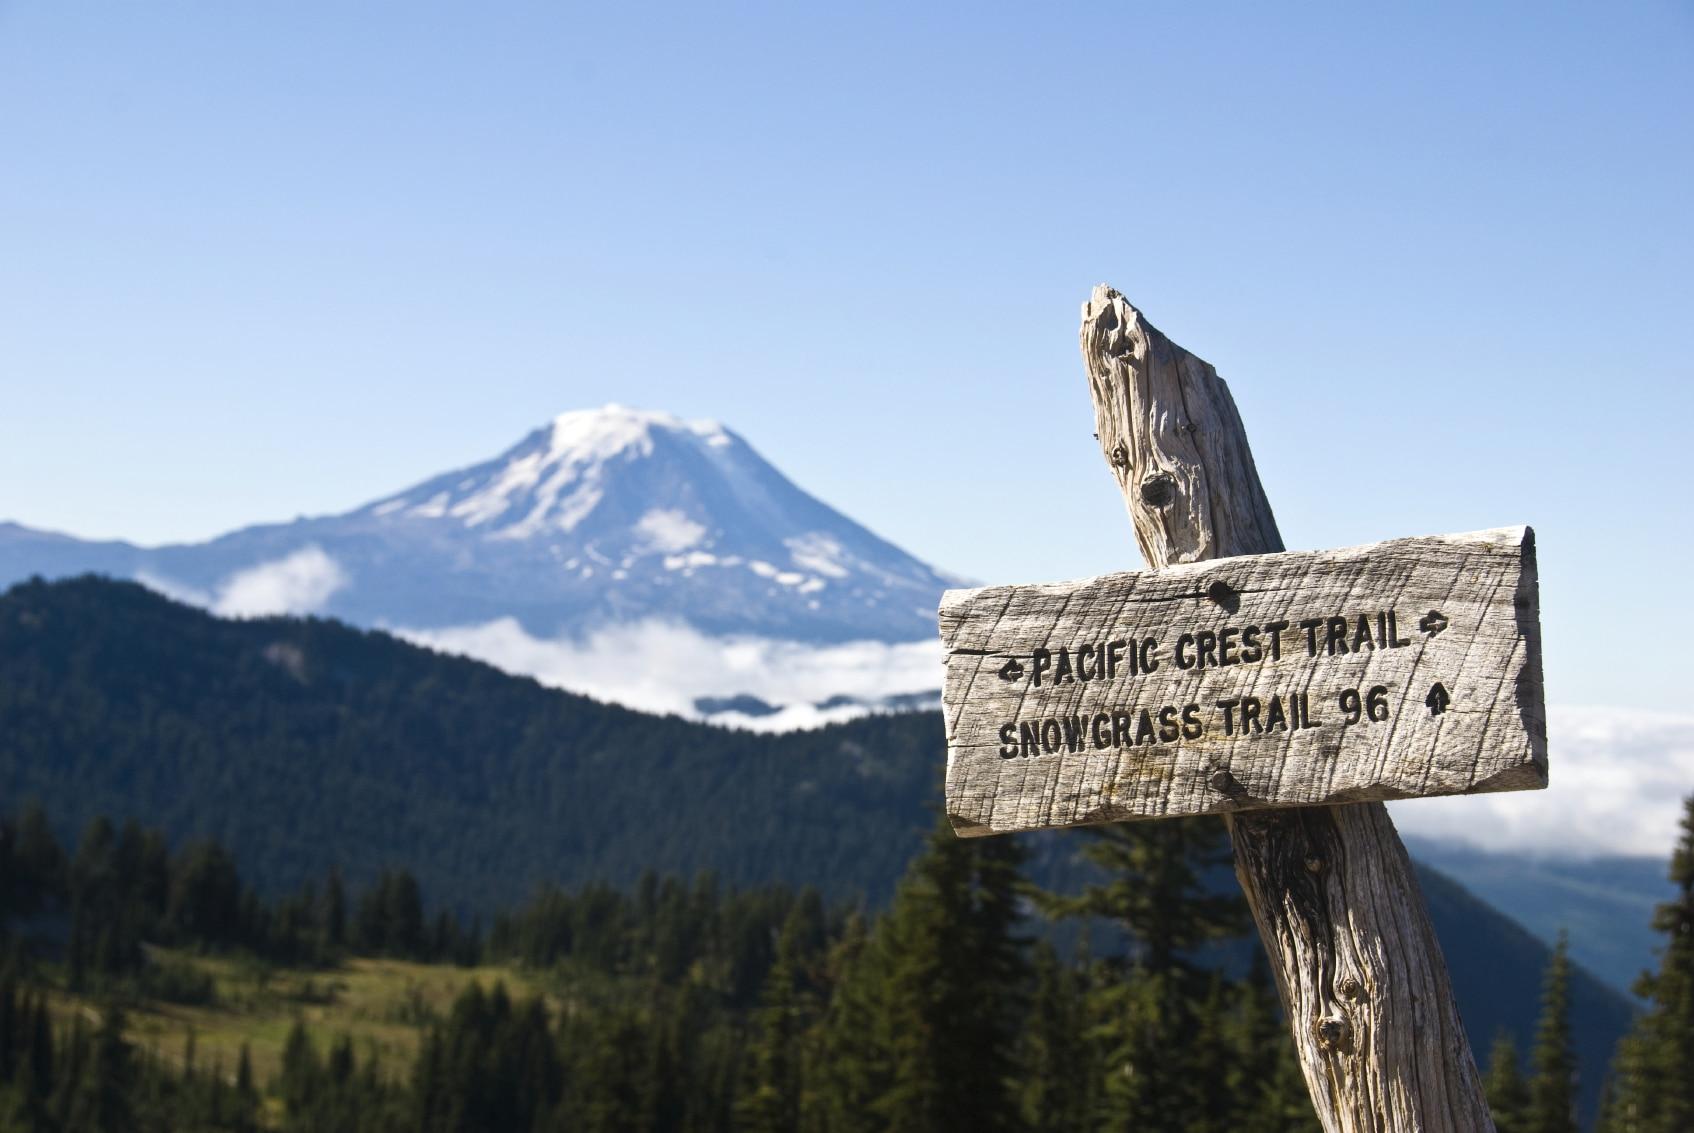 perte de poids Pacific Crest Trail perte de poids maximale par mois